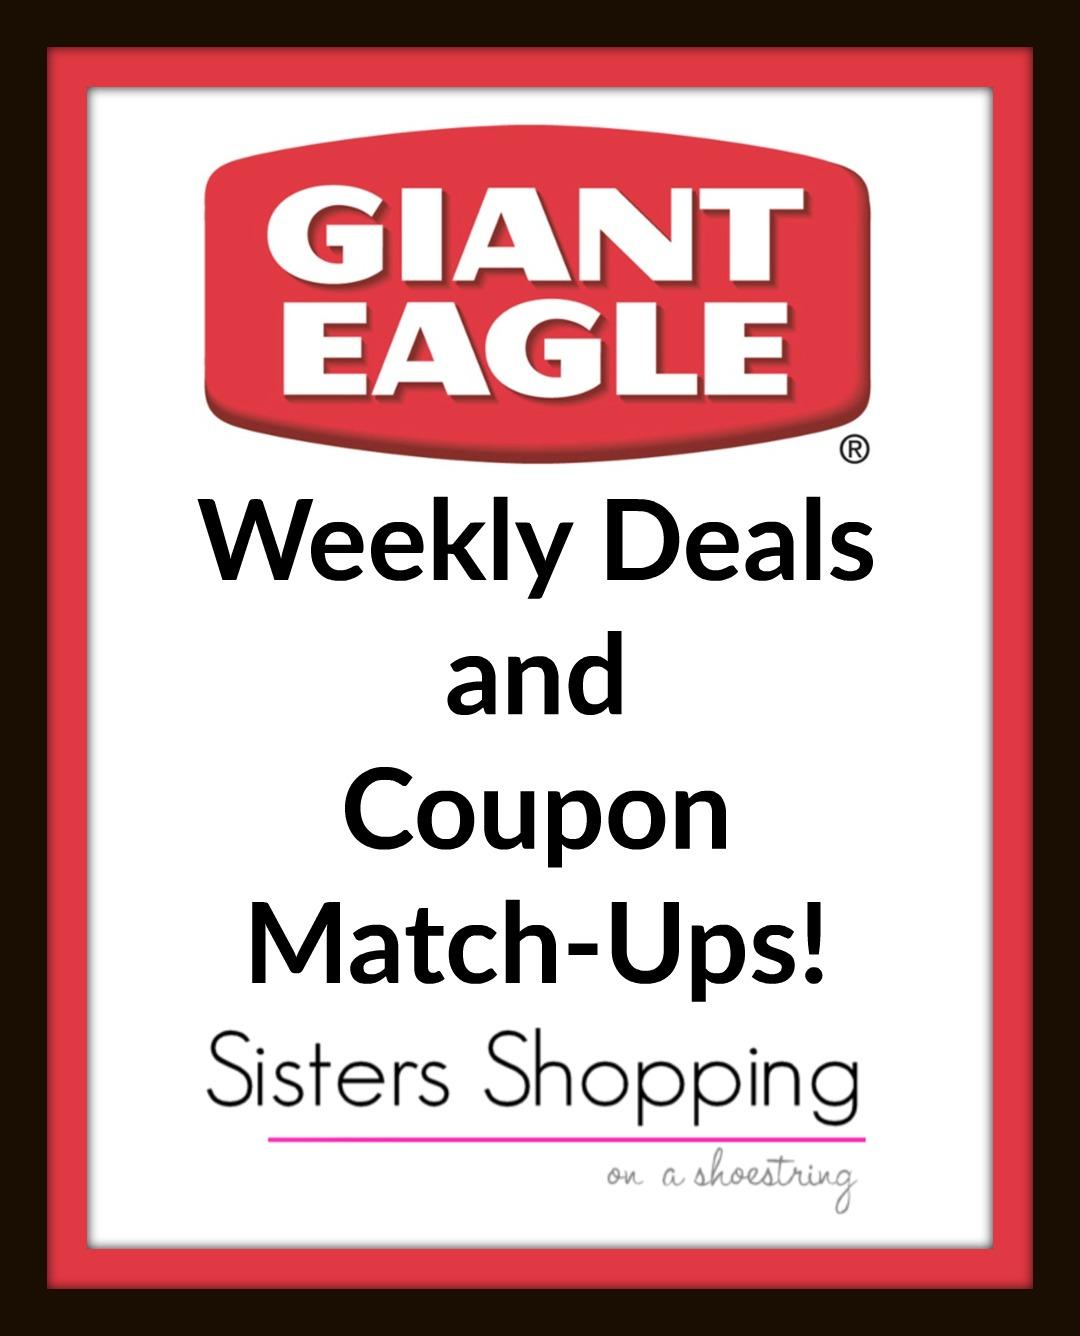 best giant eagle coupon deals